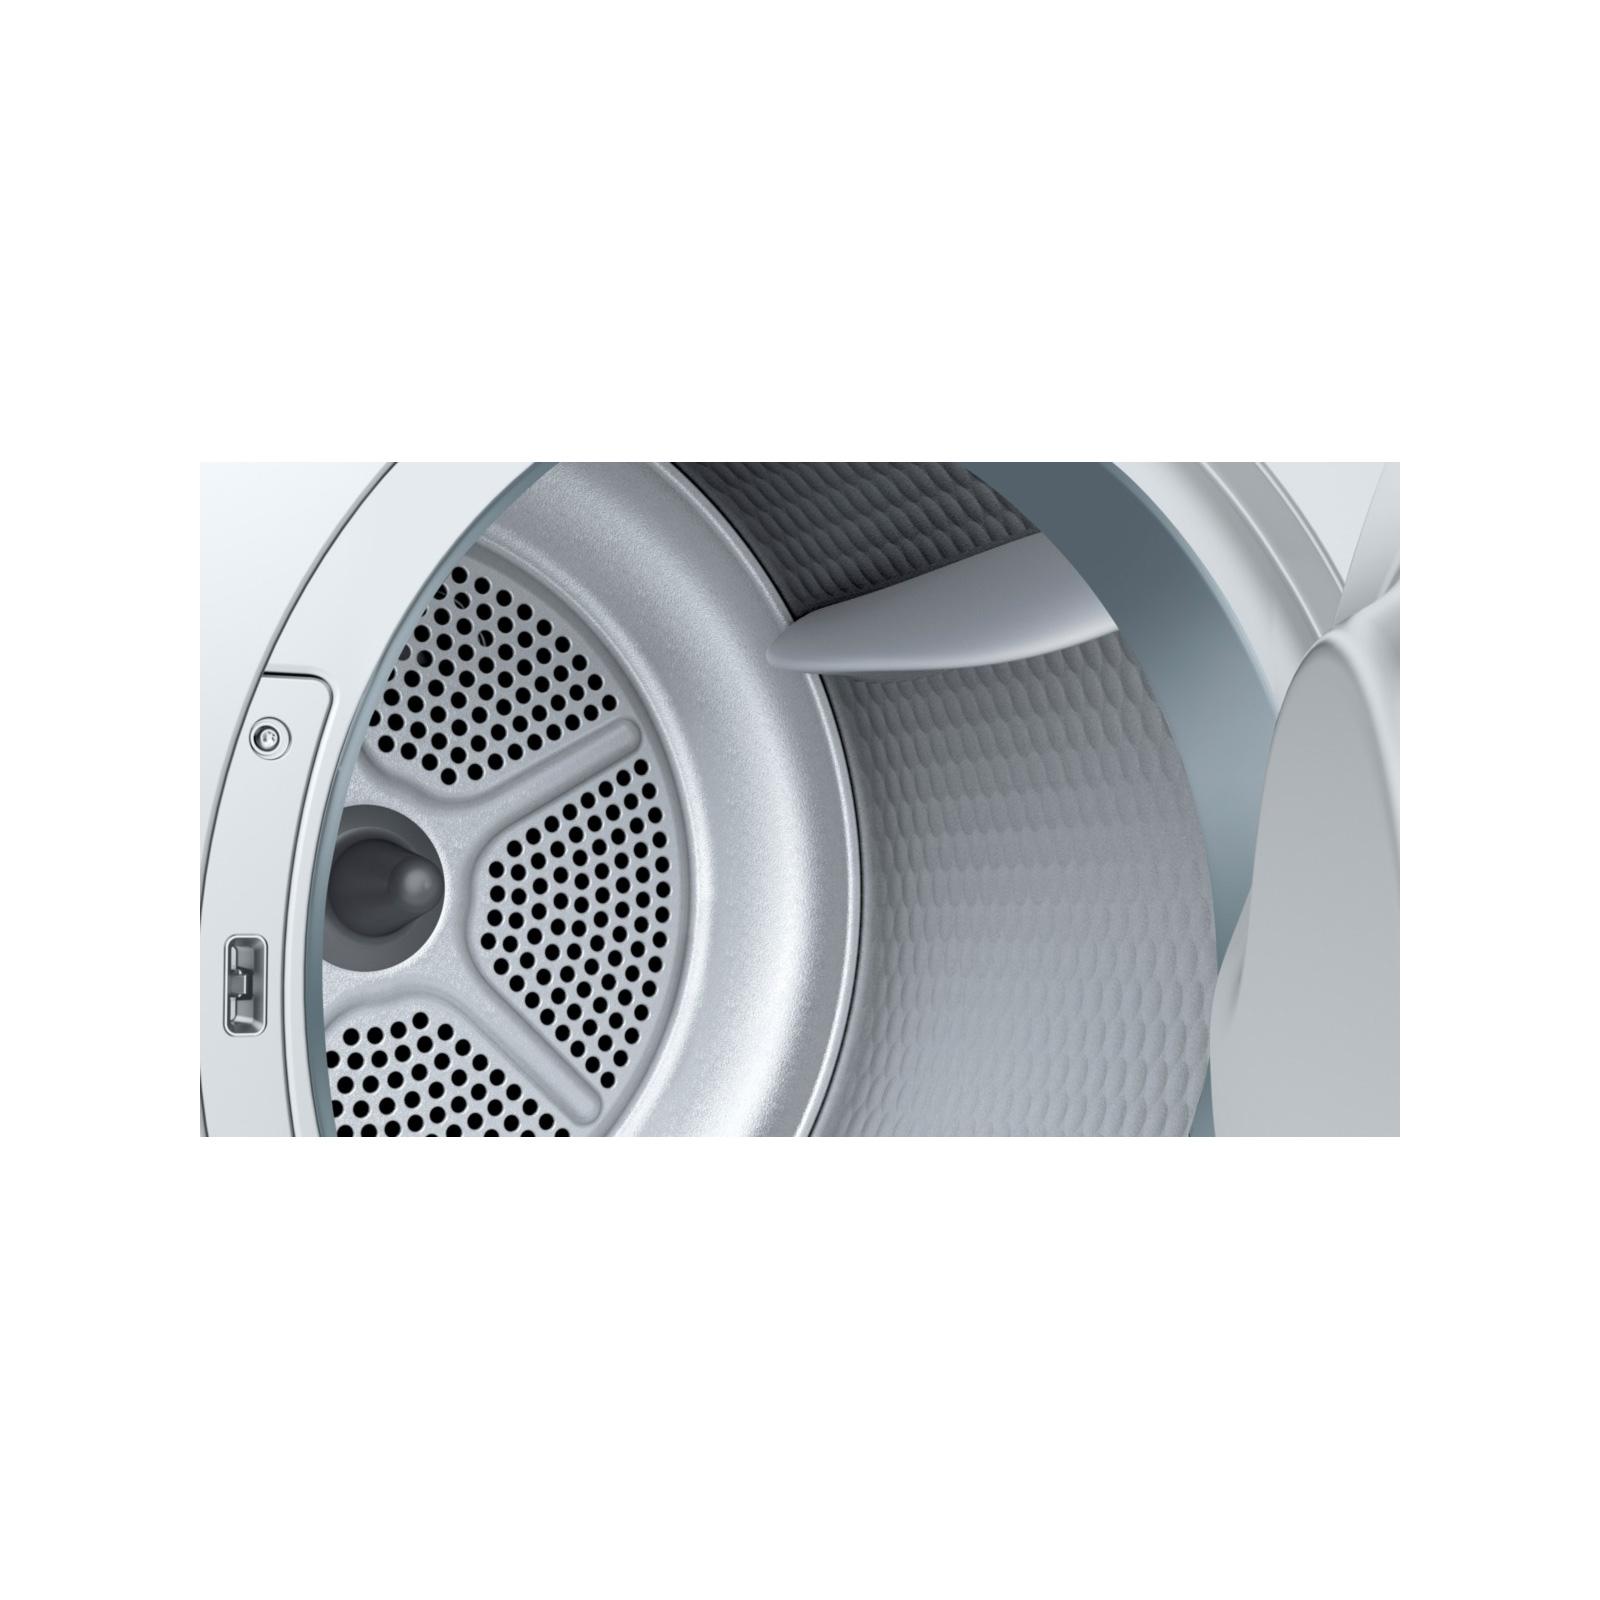 Сушильная машина Bosch WTH83001ME изображение 3